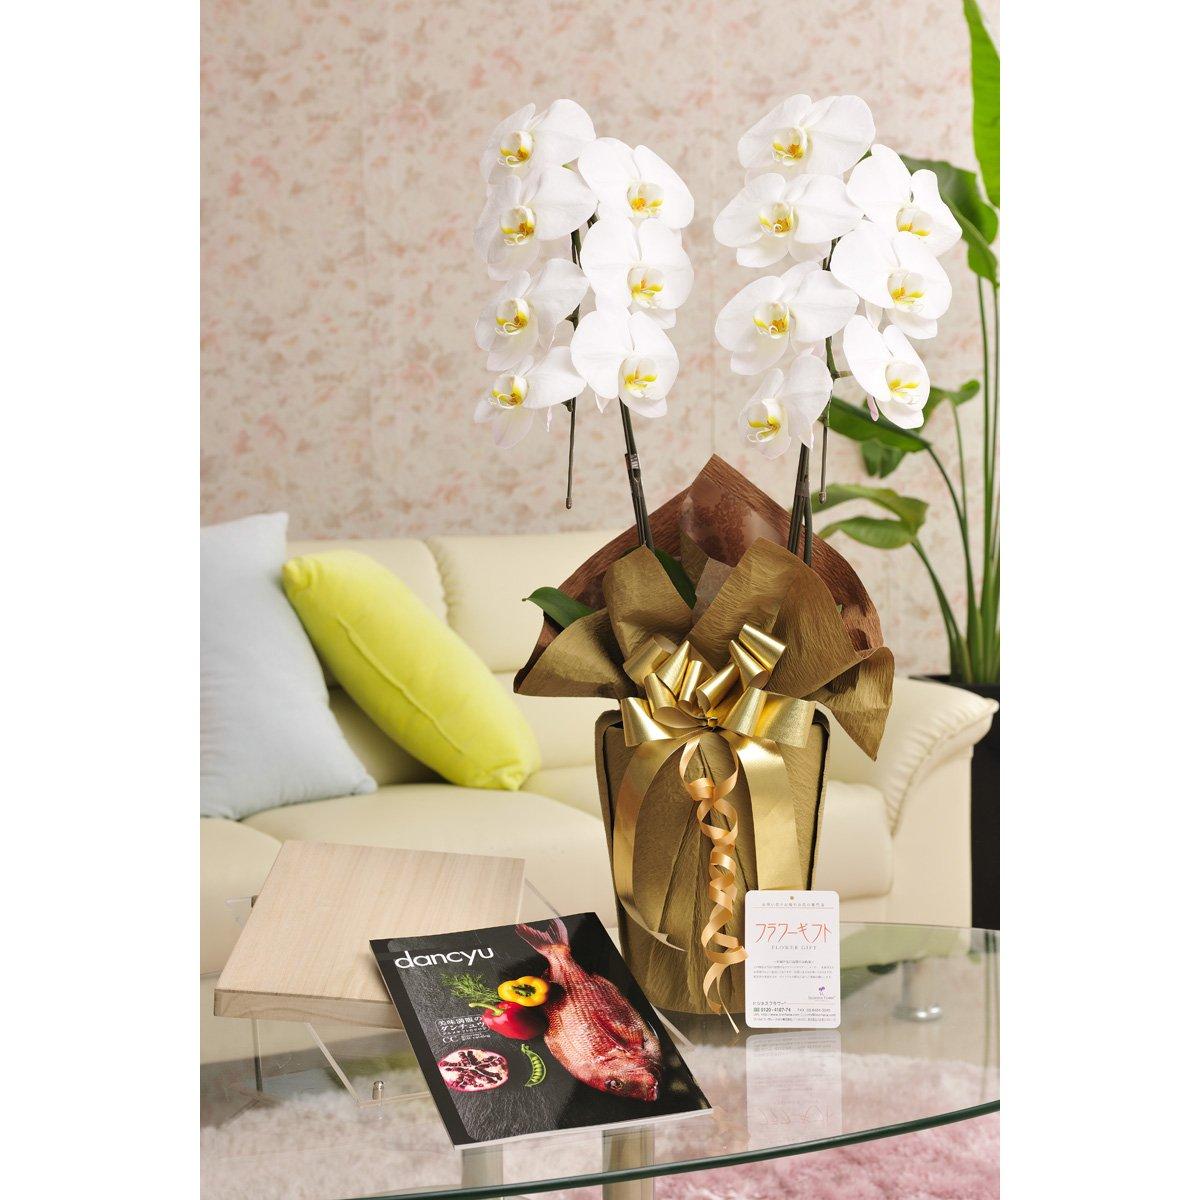 花とギフトのセット 胡蝶蘭 大輪2本立とこだわりの食材カタログギフト(ダンチュウ/CC) B07DTG43FN